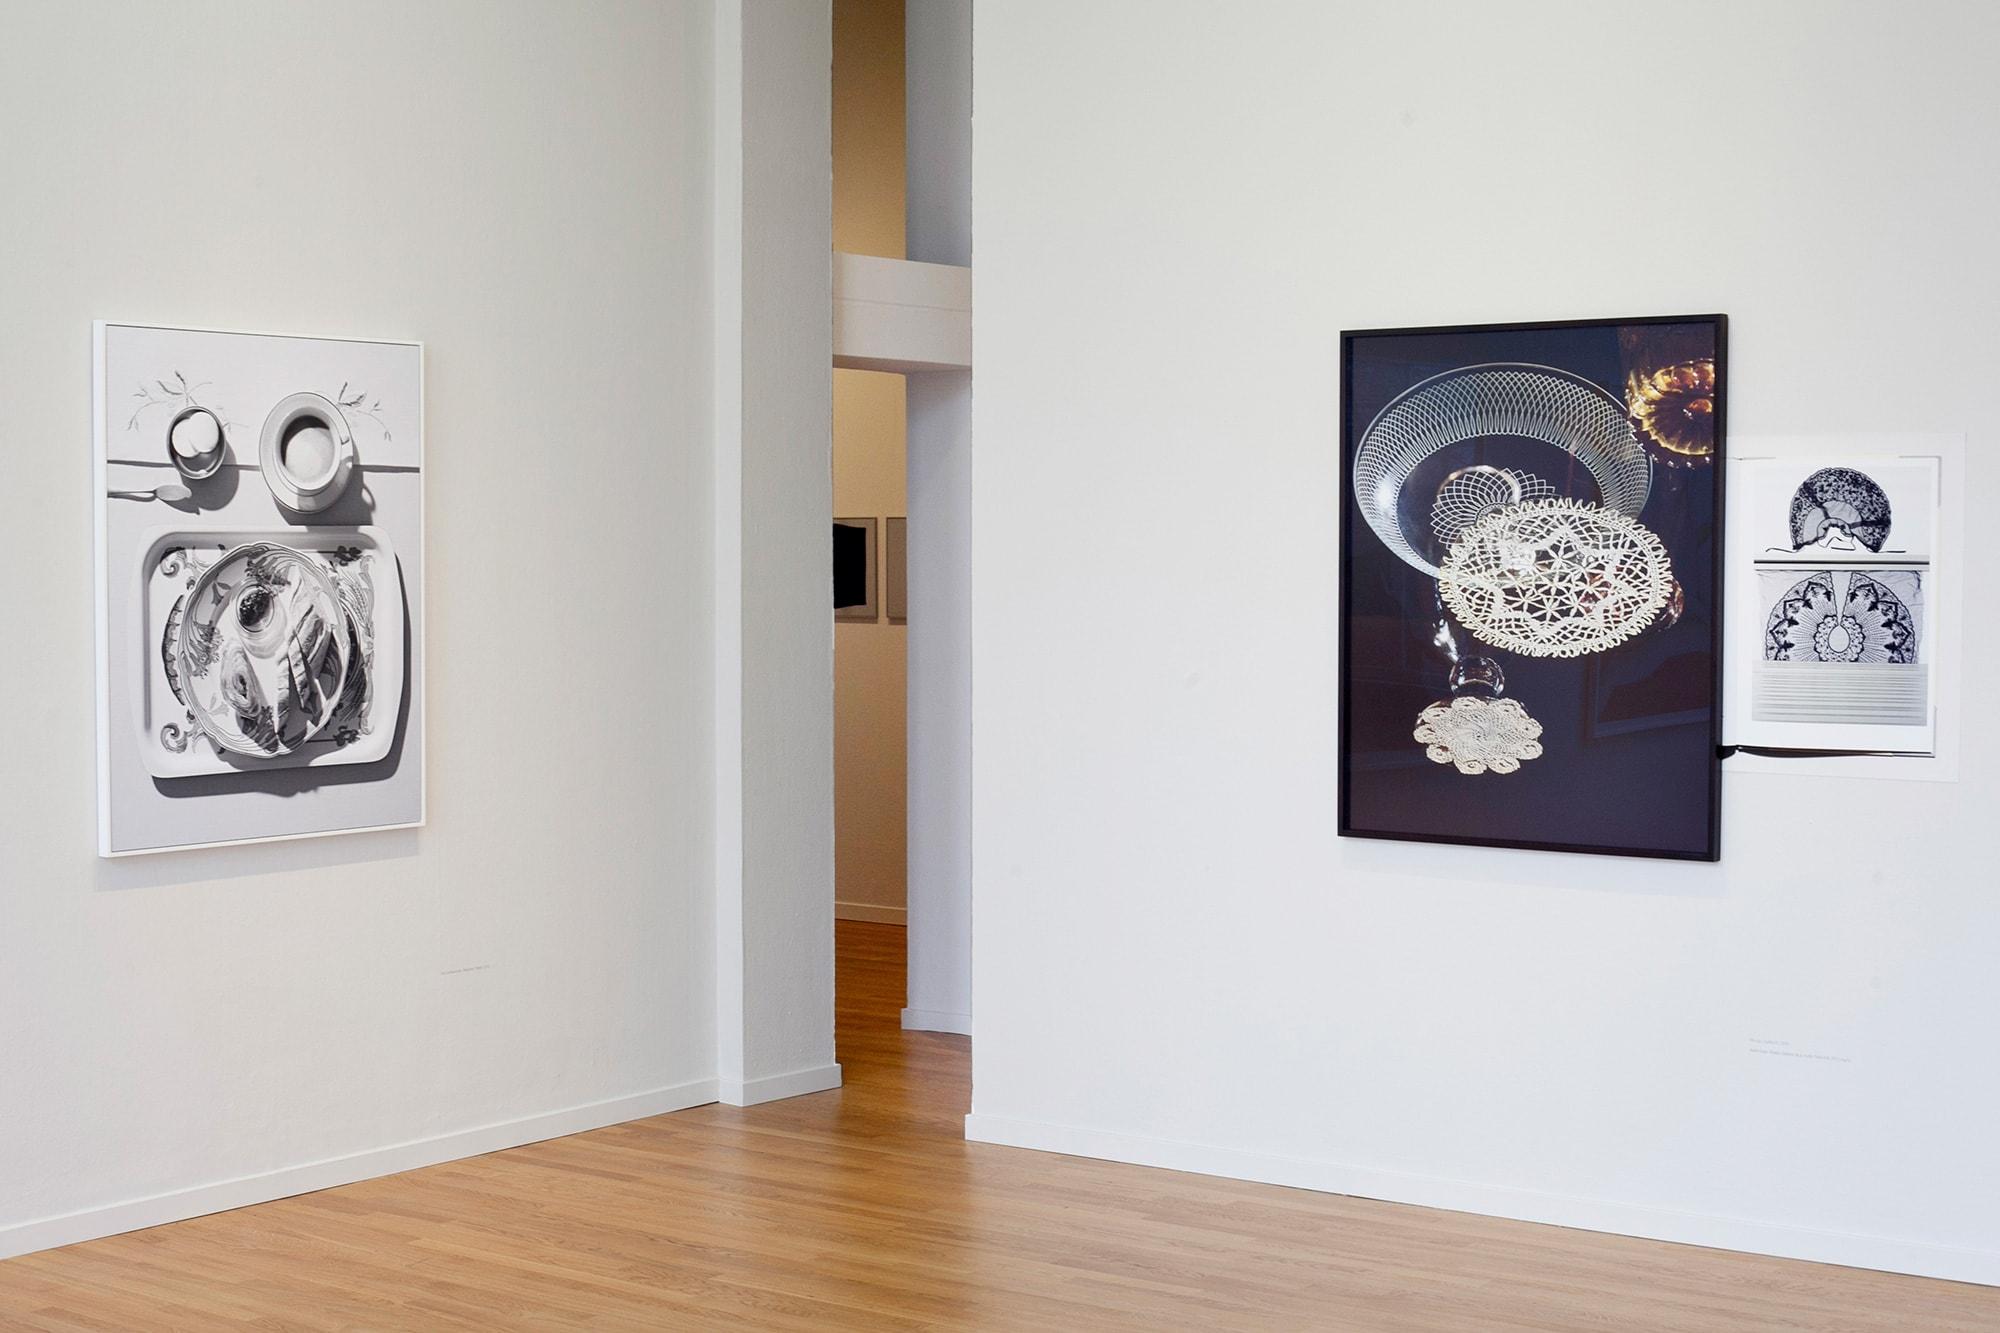 シェルテンス&アベネスインタヴュー「終わりのないイメージの旅へ ―― プレイフルに動き続けるクリエイティブユニットの秘密」 | シェルテンス&アベネス「ZEEN」(Foam写真美術館)インスタレーションビュー